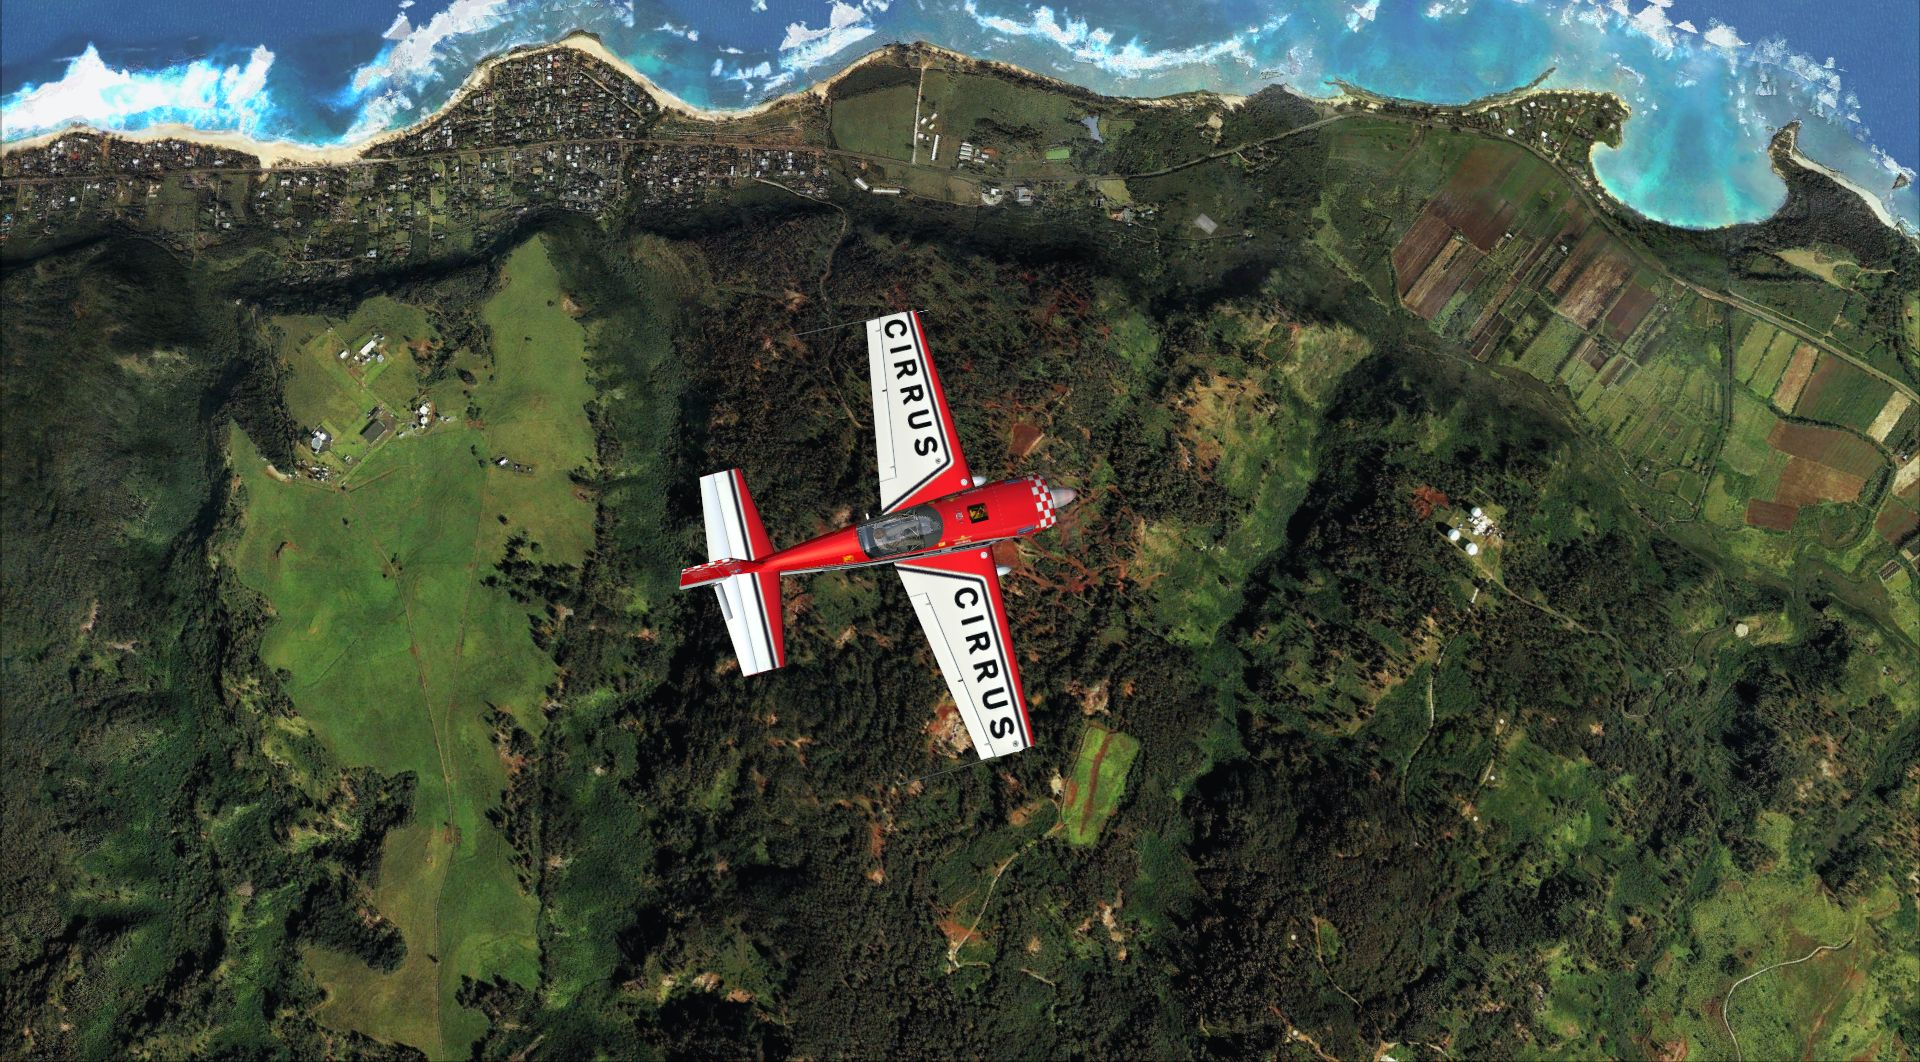 2001_hawaii18_2020-1-8ykk7.jpg